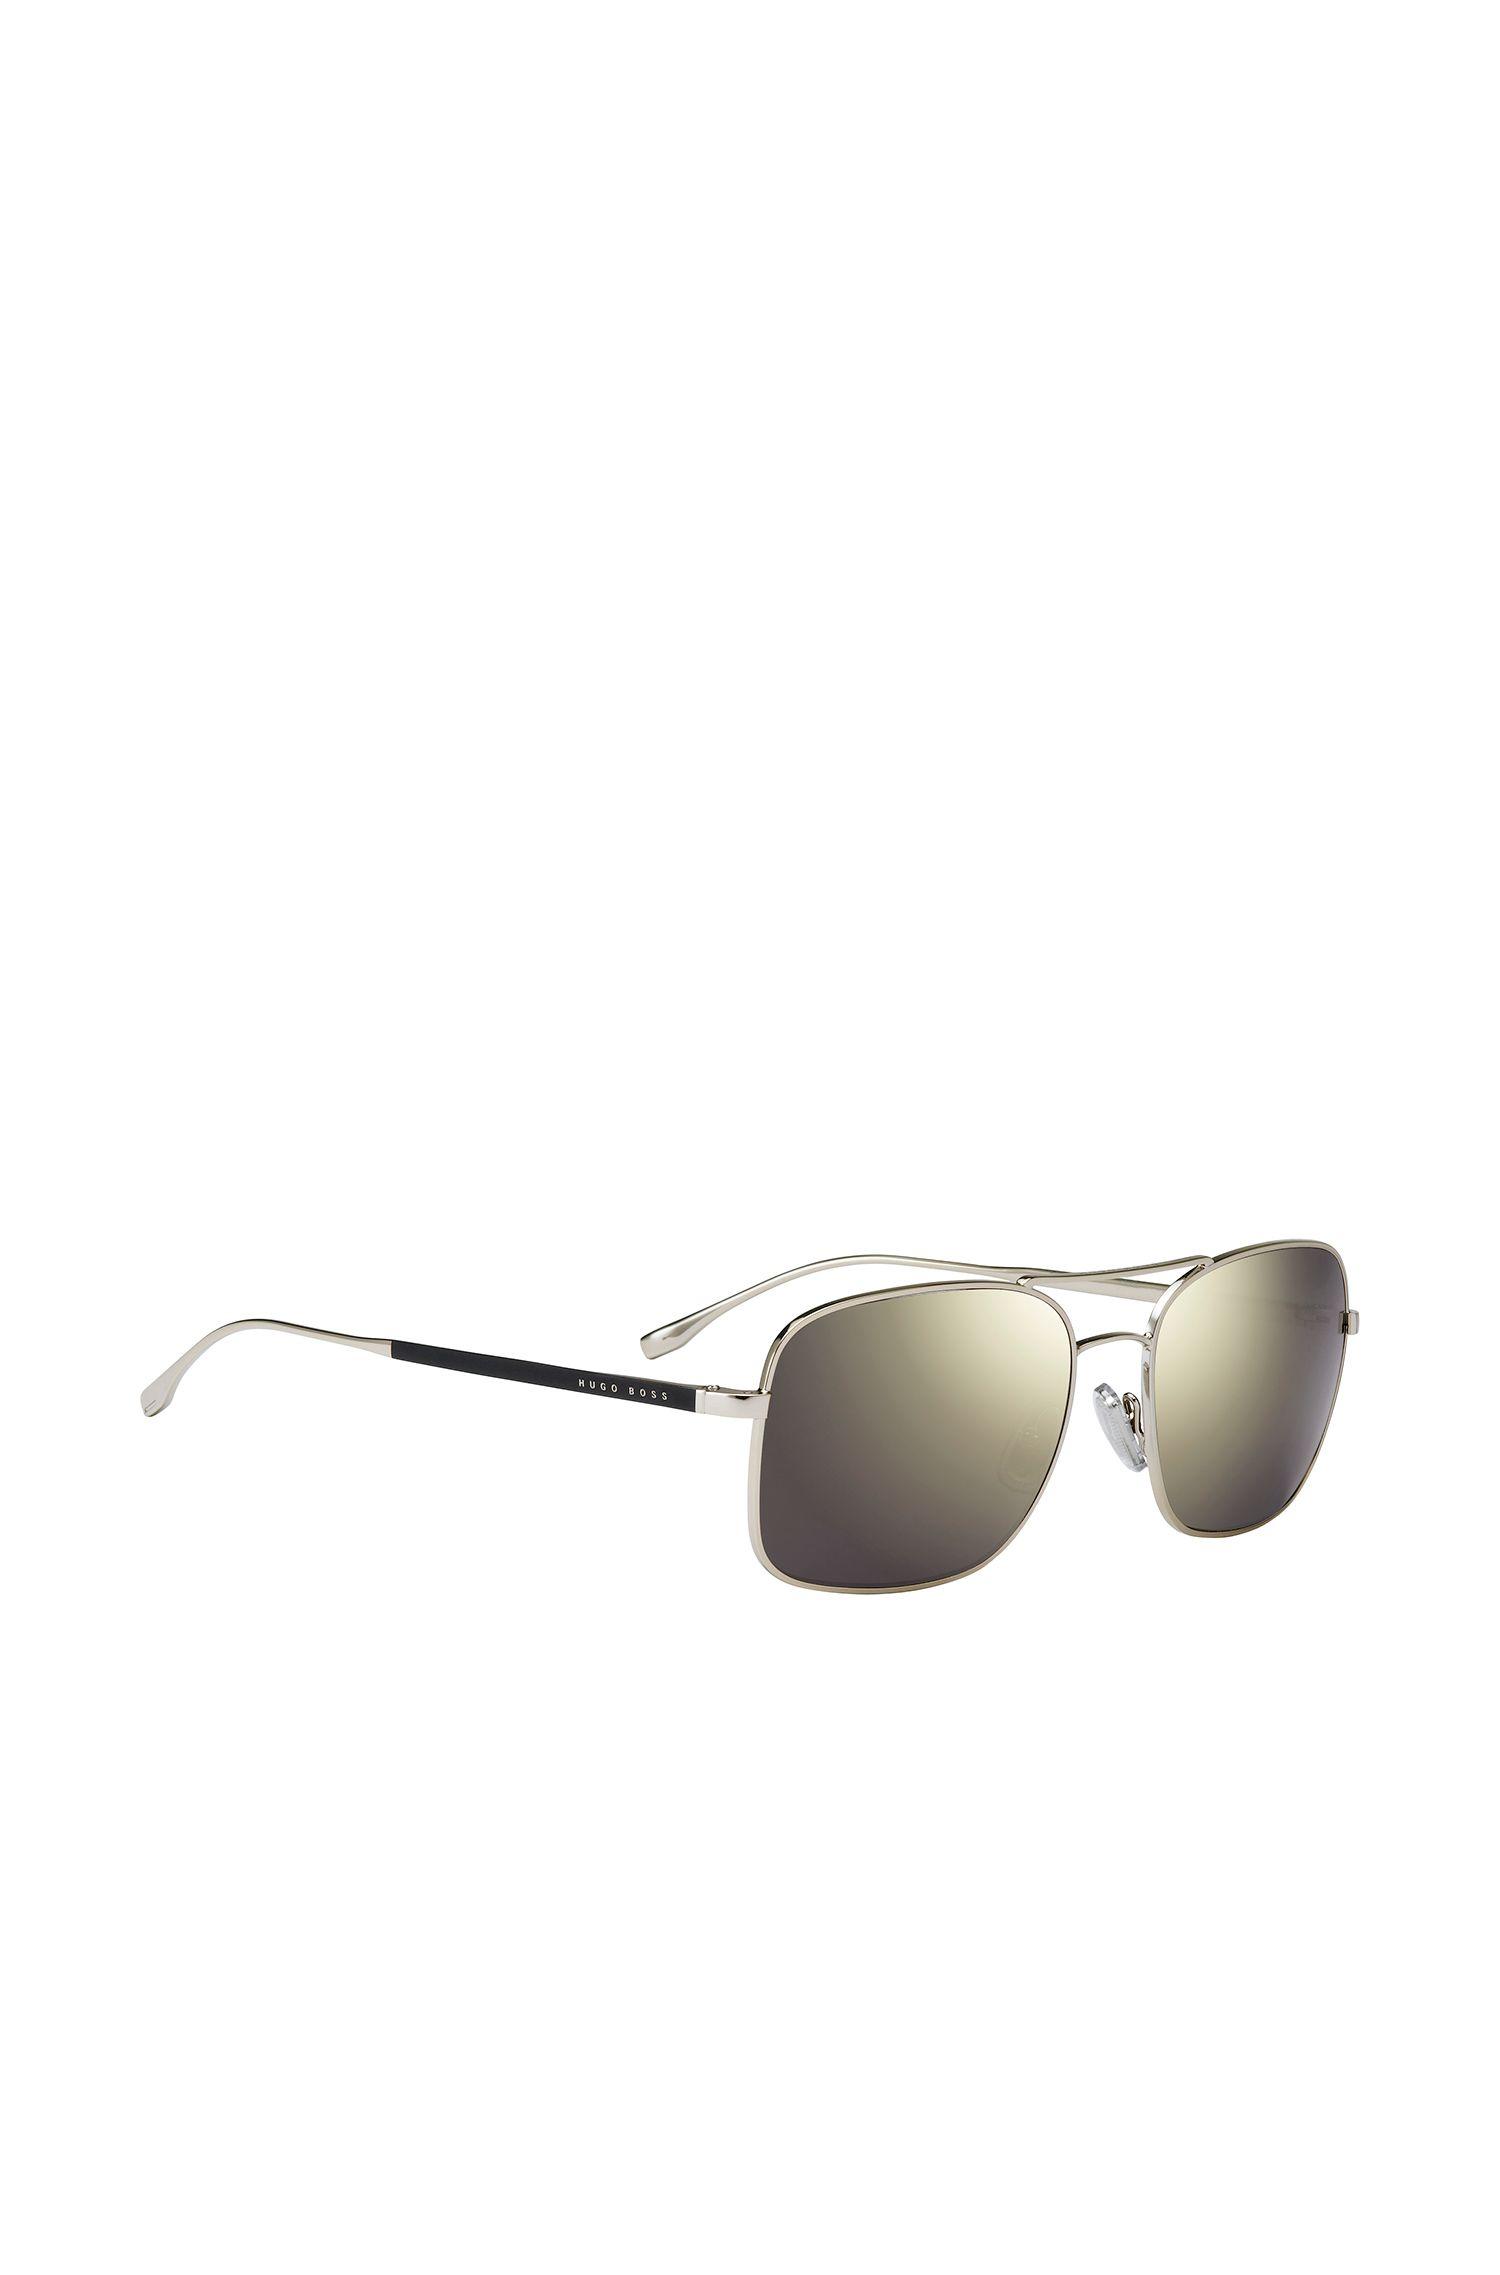 Eckige Sonnenbrille mit schmaler Metallfassung in Gold-Optik: 'BOSS 0781/S'